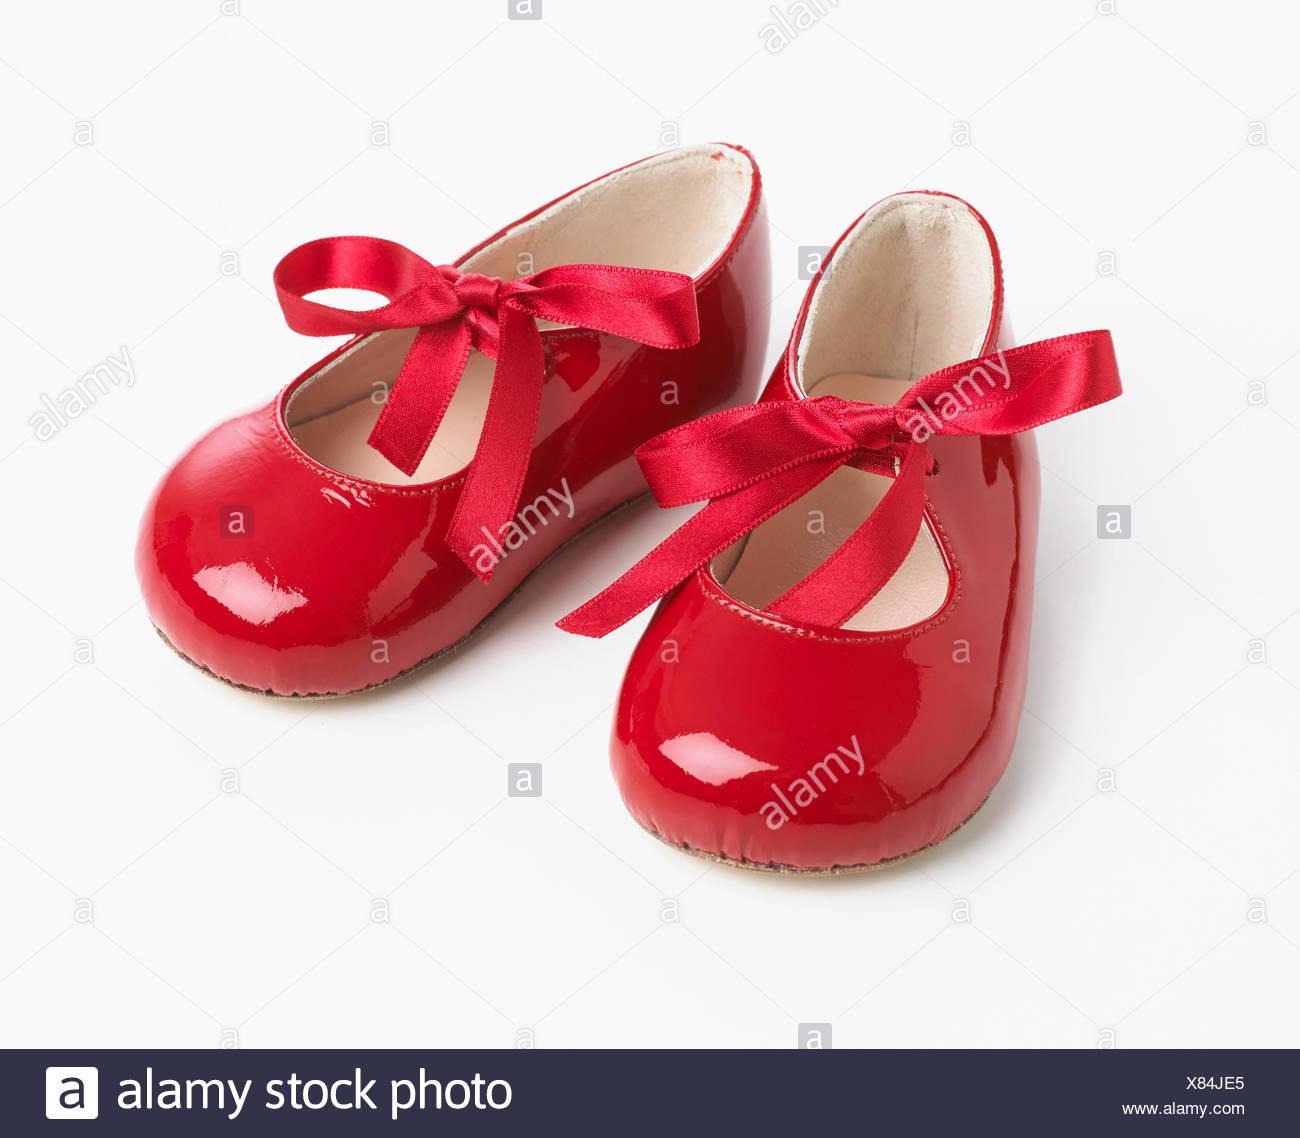 Patente de amarre cinta zapatos rojos Imagen De Stock